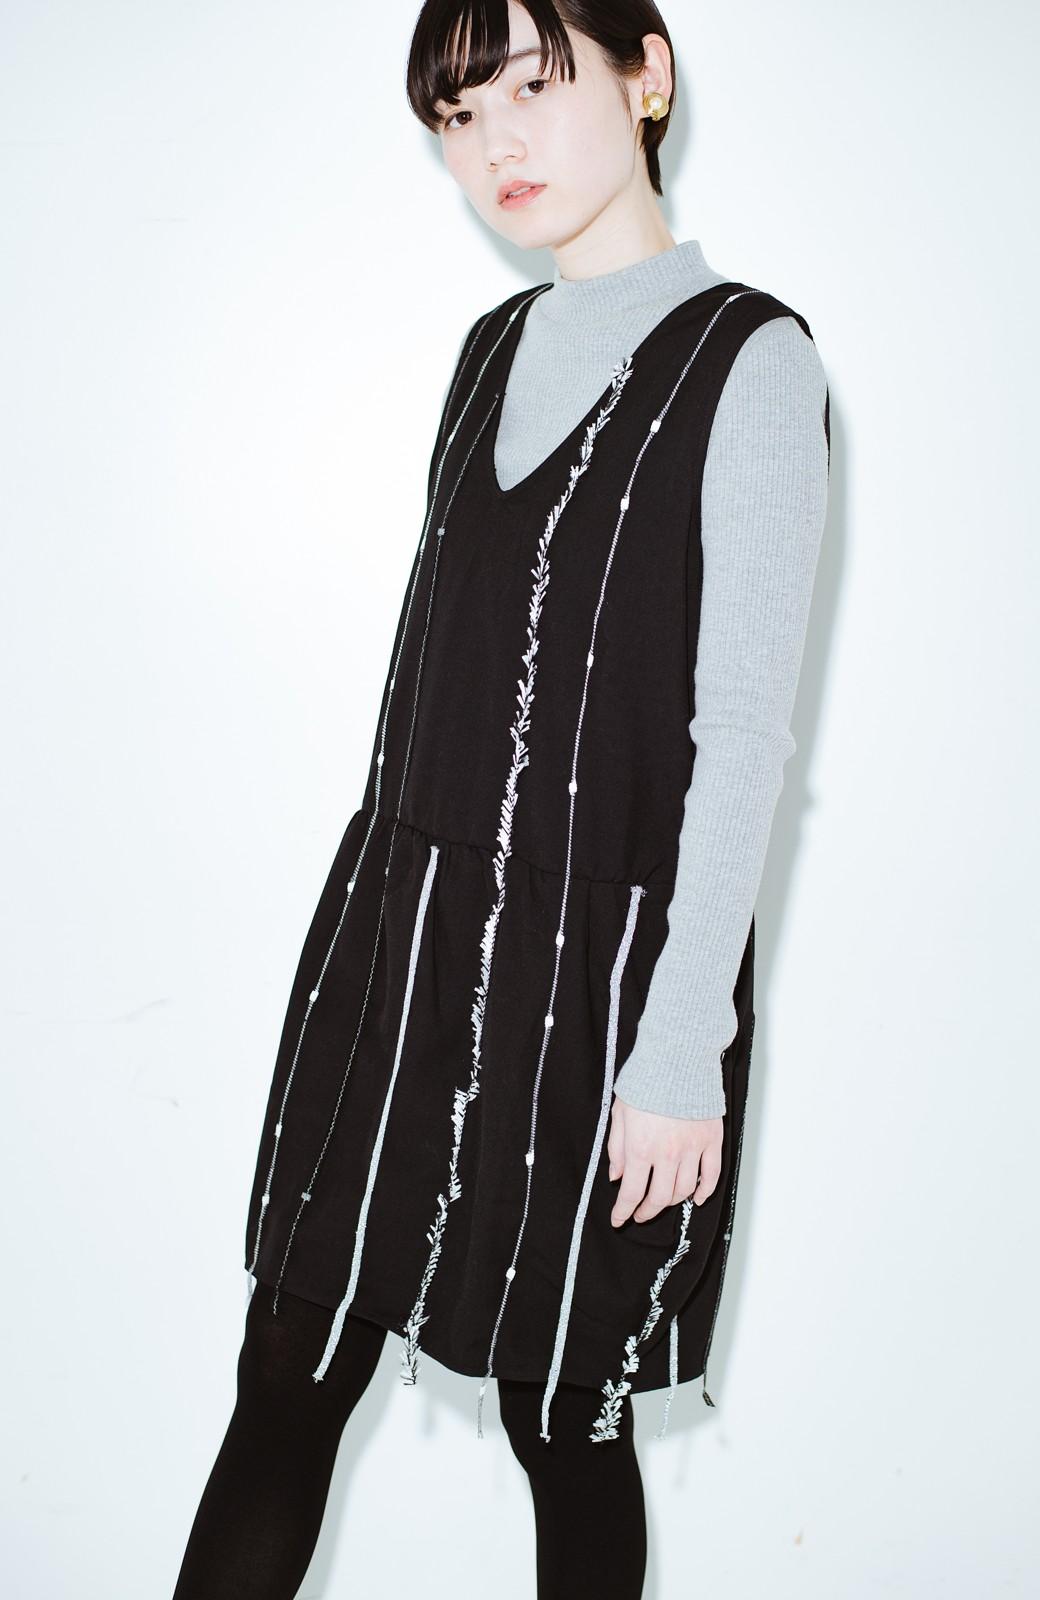 haco! co&tion 田中佑佳Zebra(09 milling crowd)黒ワンピ【アーティスト監修10点もの】 <ブラック>の商品写真8